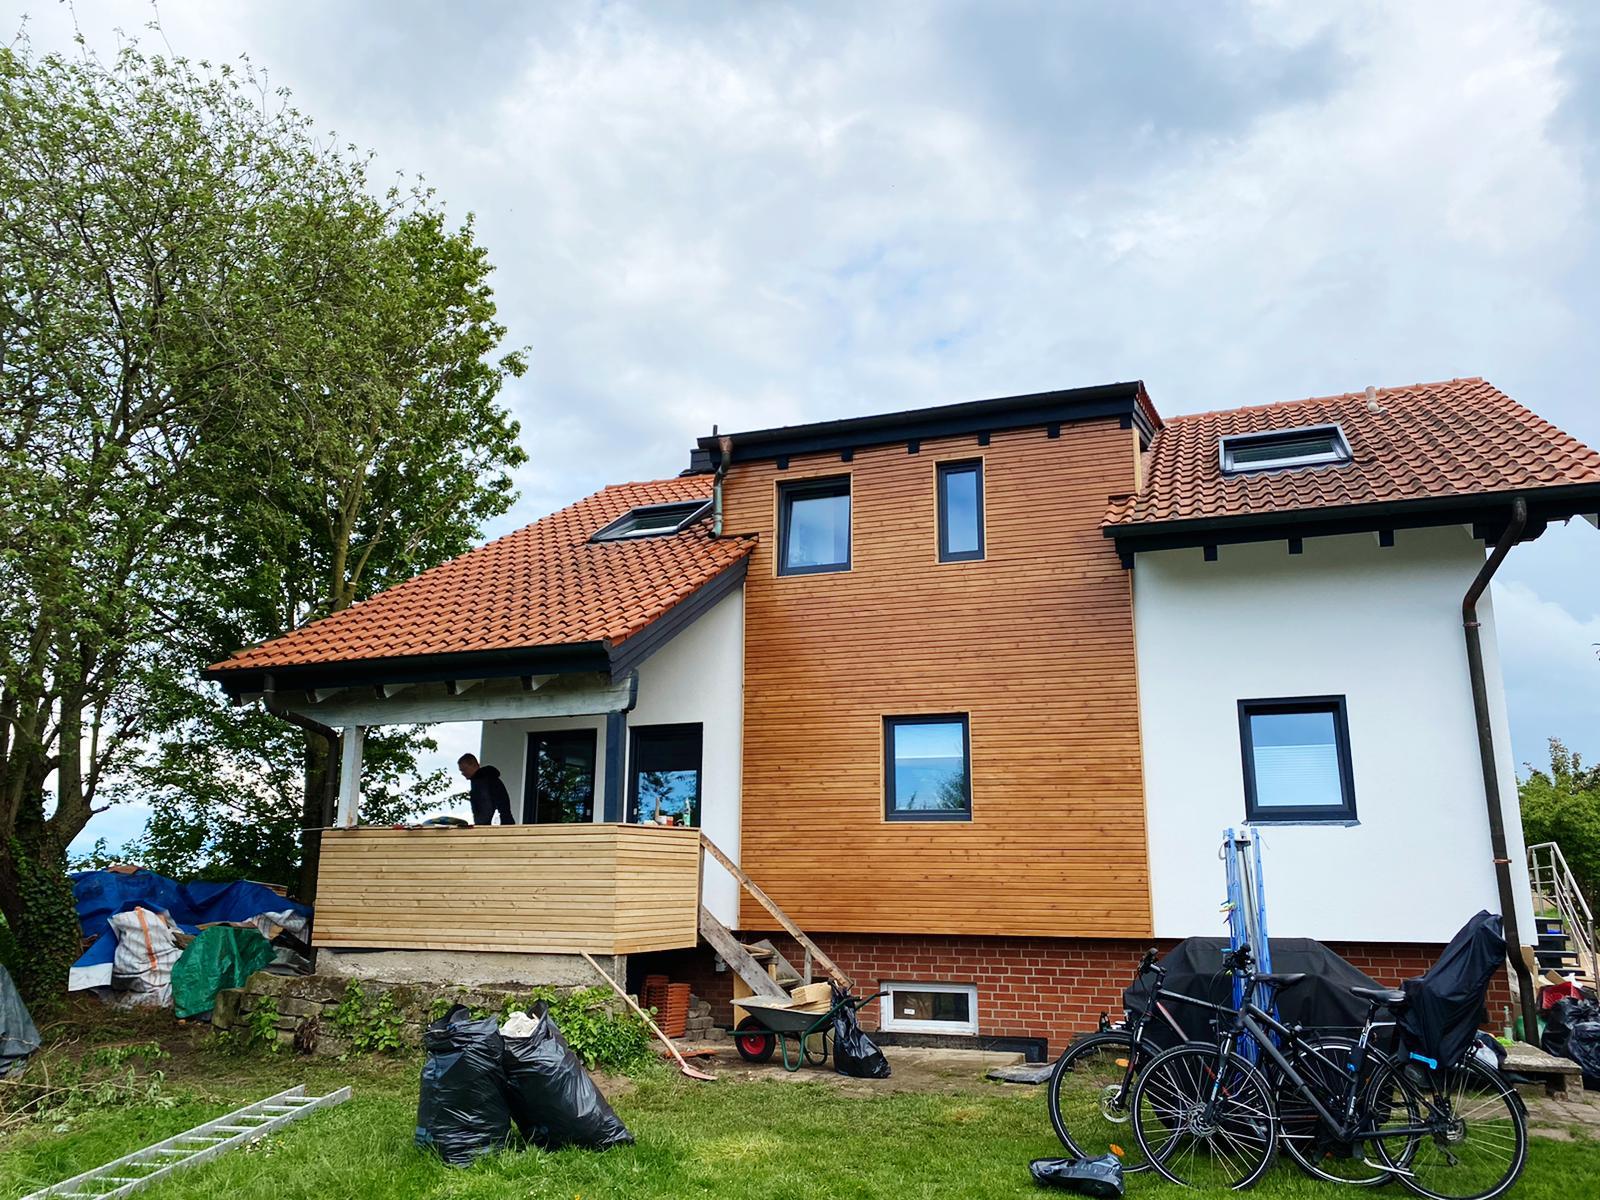 Ihr Maler für Fassadenrenovierungen in Ronnenberg: Fassadenputz mit Lotuseffekt und Rhombus Fassade aus sibirischer Lärche